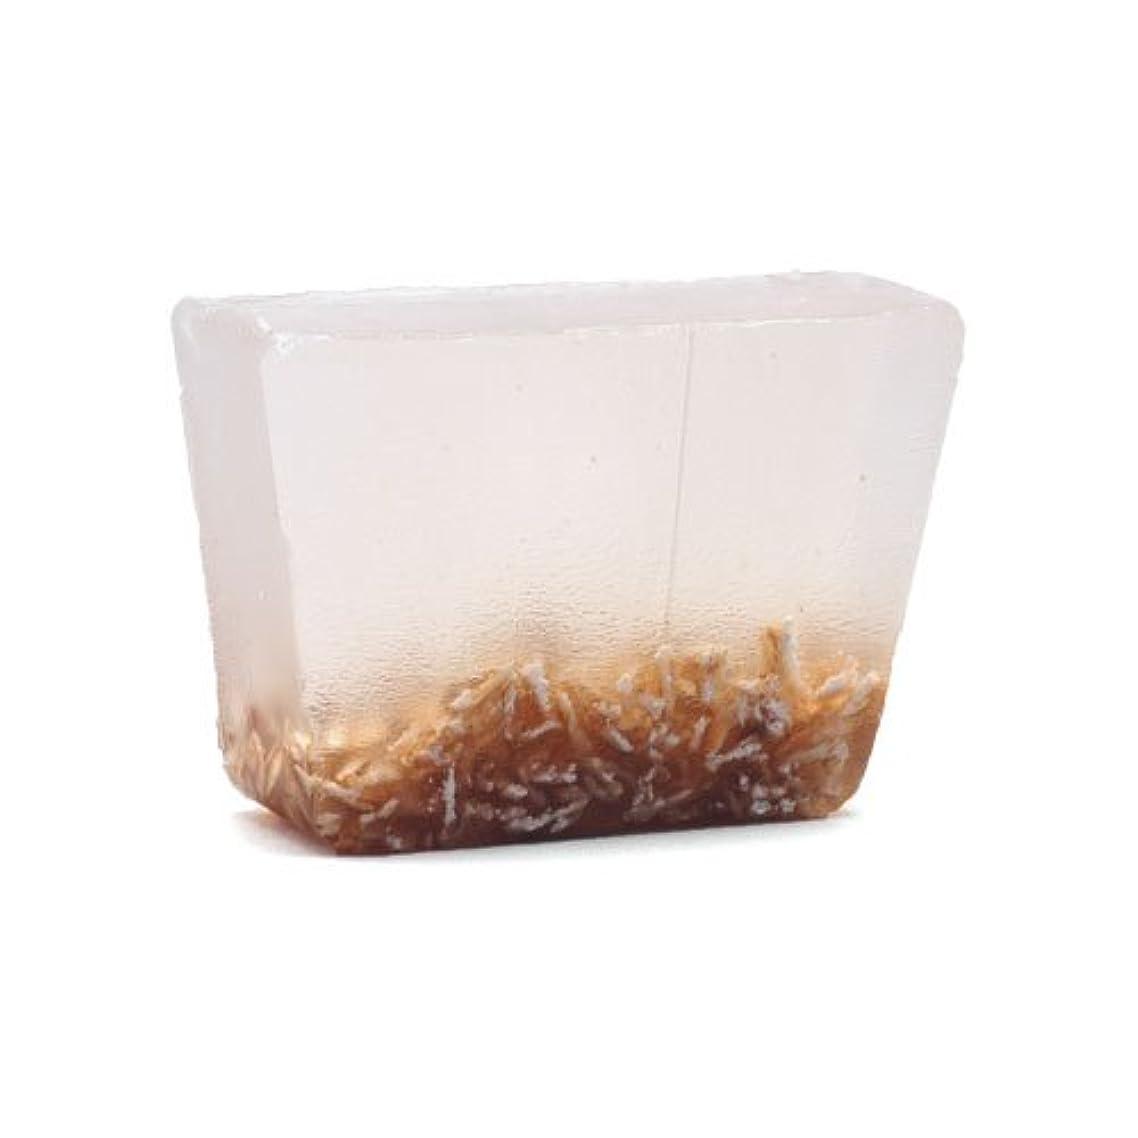 純粋にパイル斧プライモールエレメンツ アロマティック ミニソープ ラベンダーオートミール 80g 植物性 ナチュラル 石鹸 無添加